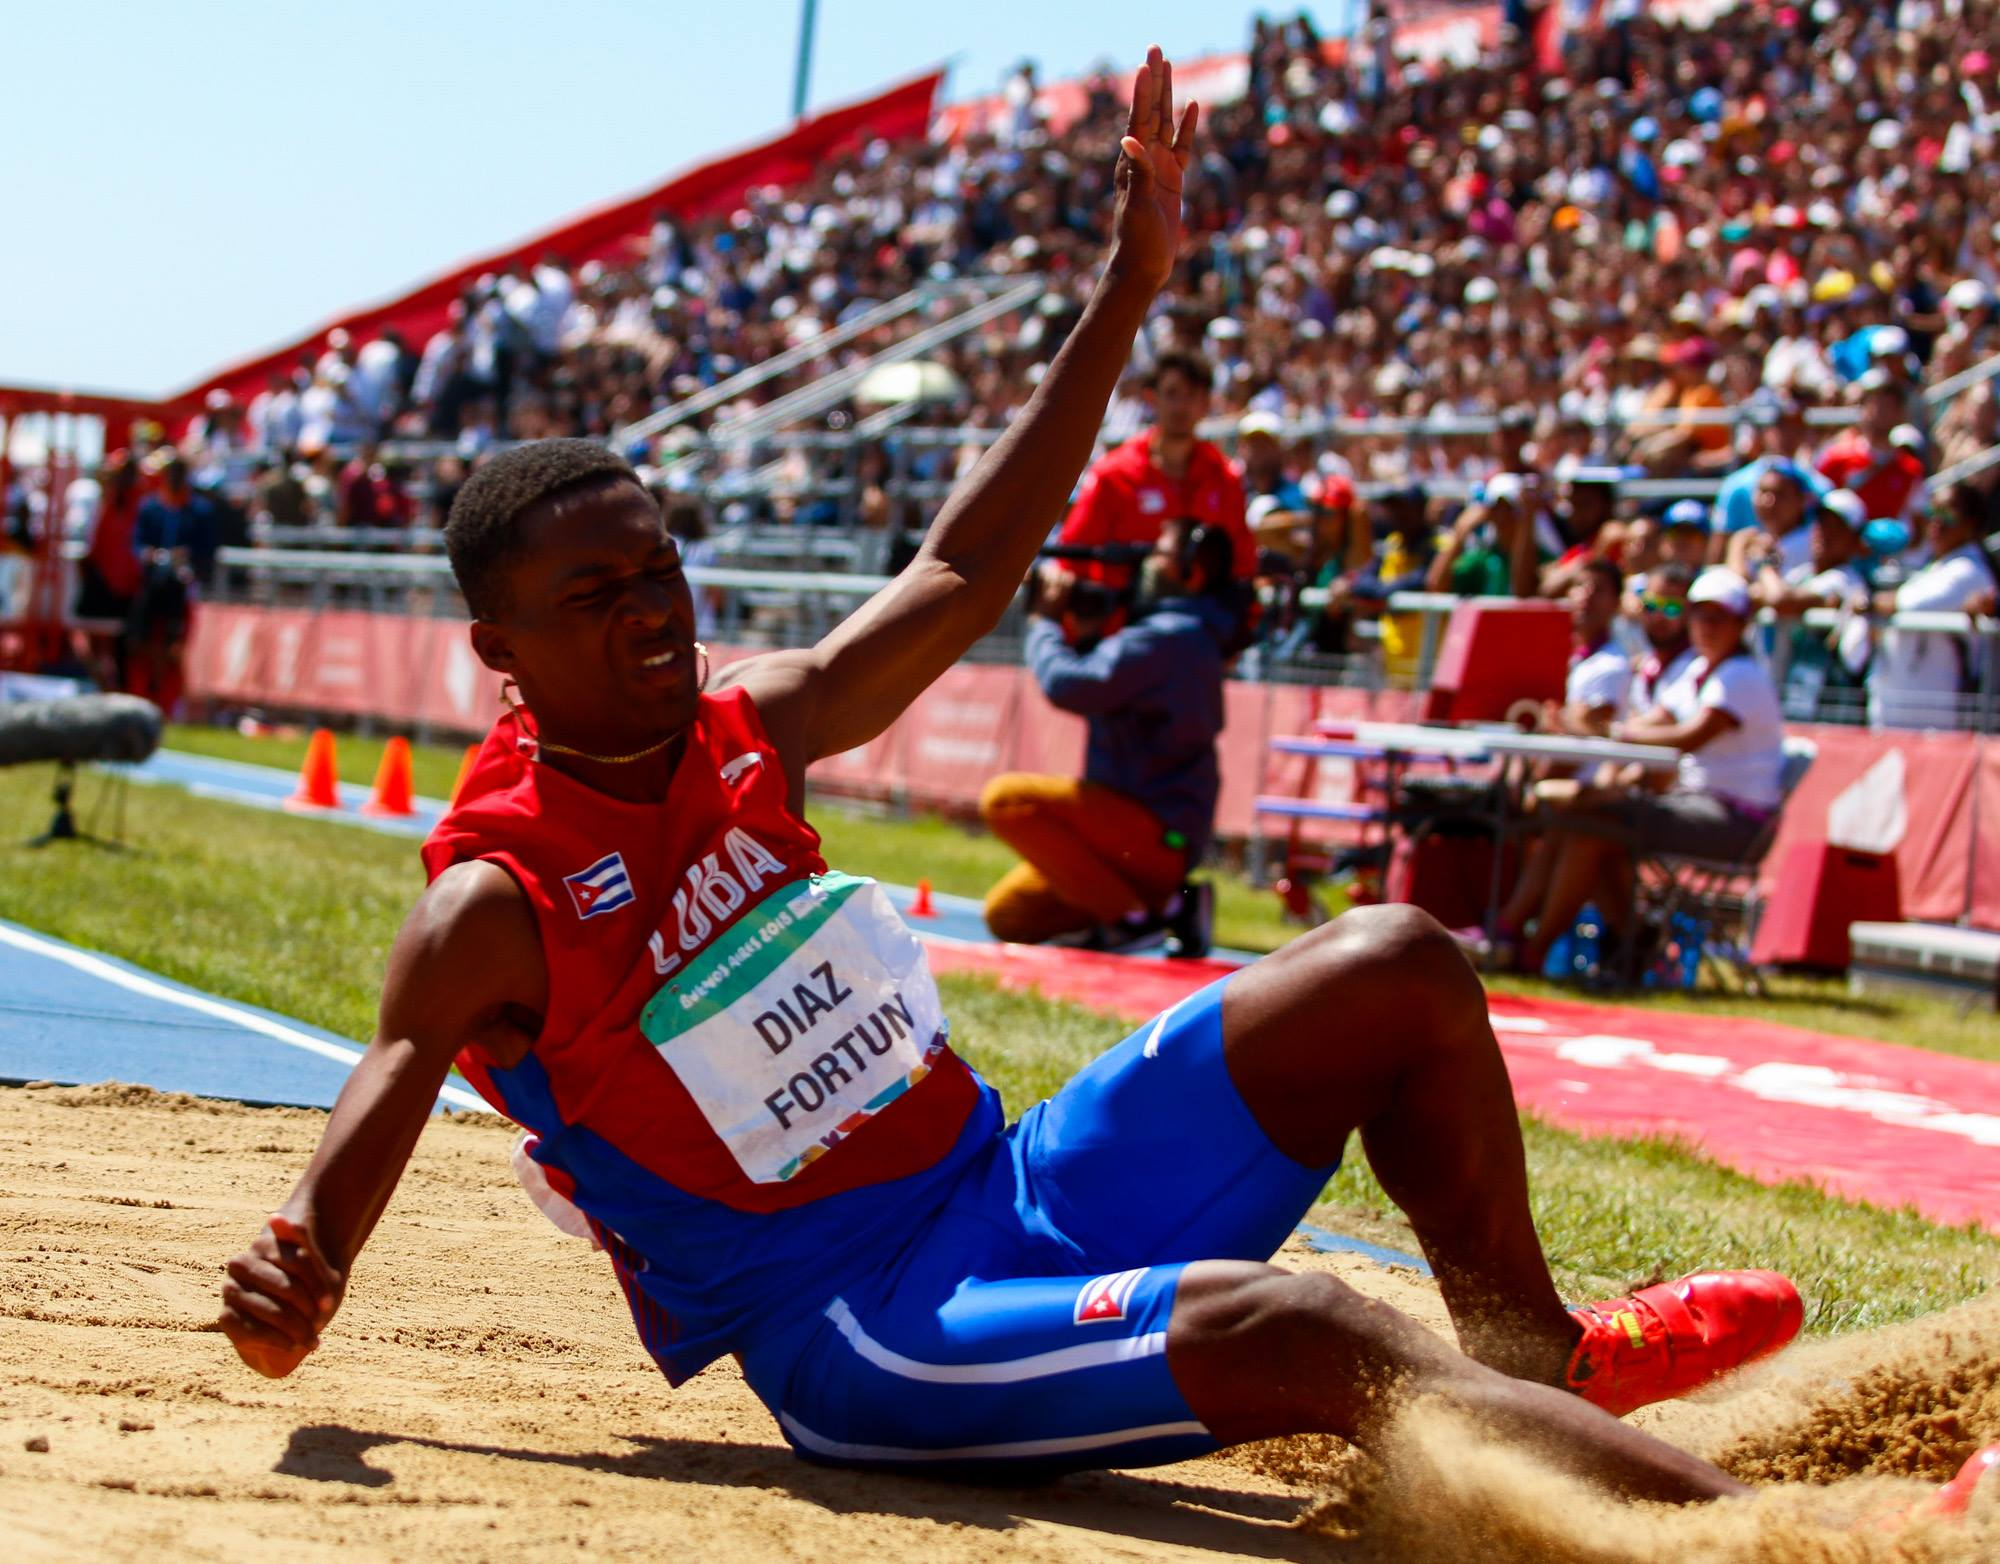 Jordan Díaz no dejó margen a las dudas y mostró el potencial cubano en el triple salto. Foto: Calixto Llanes/Jit